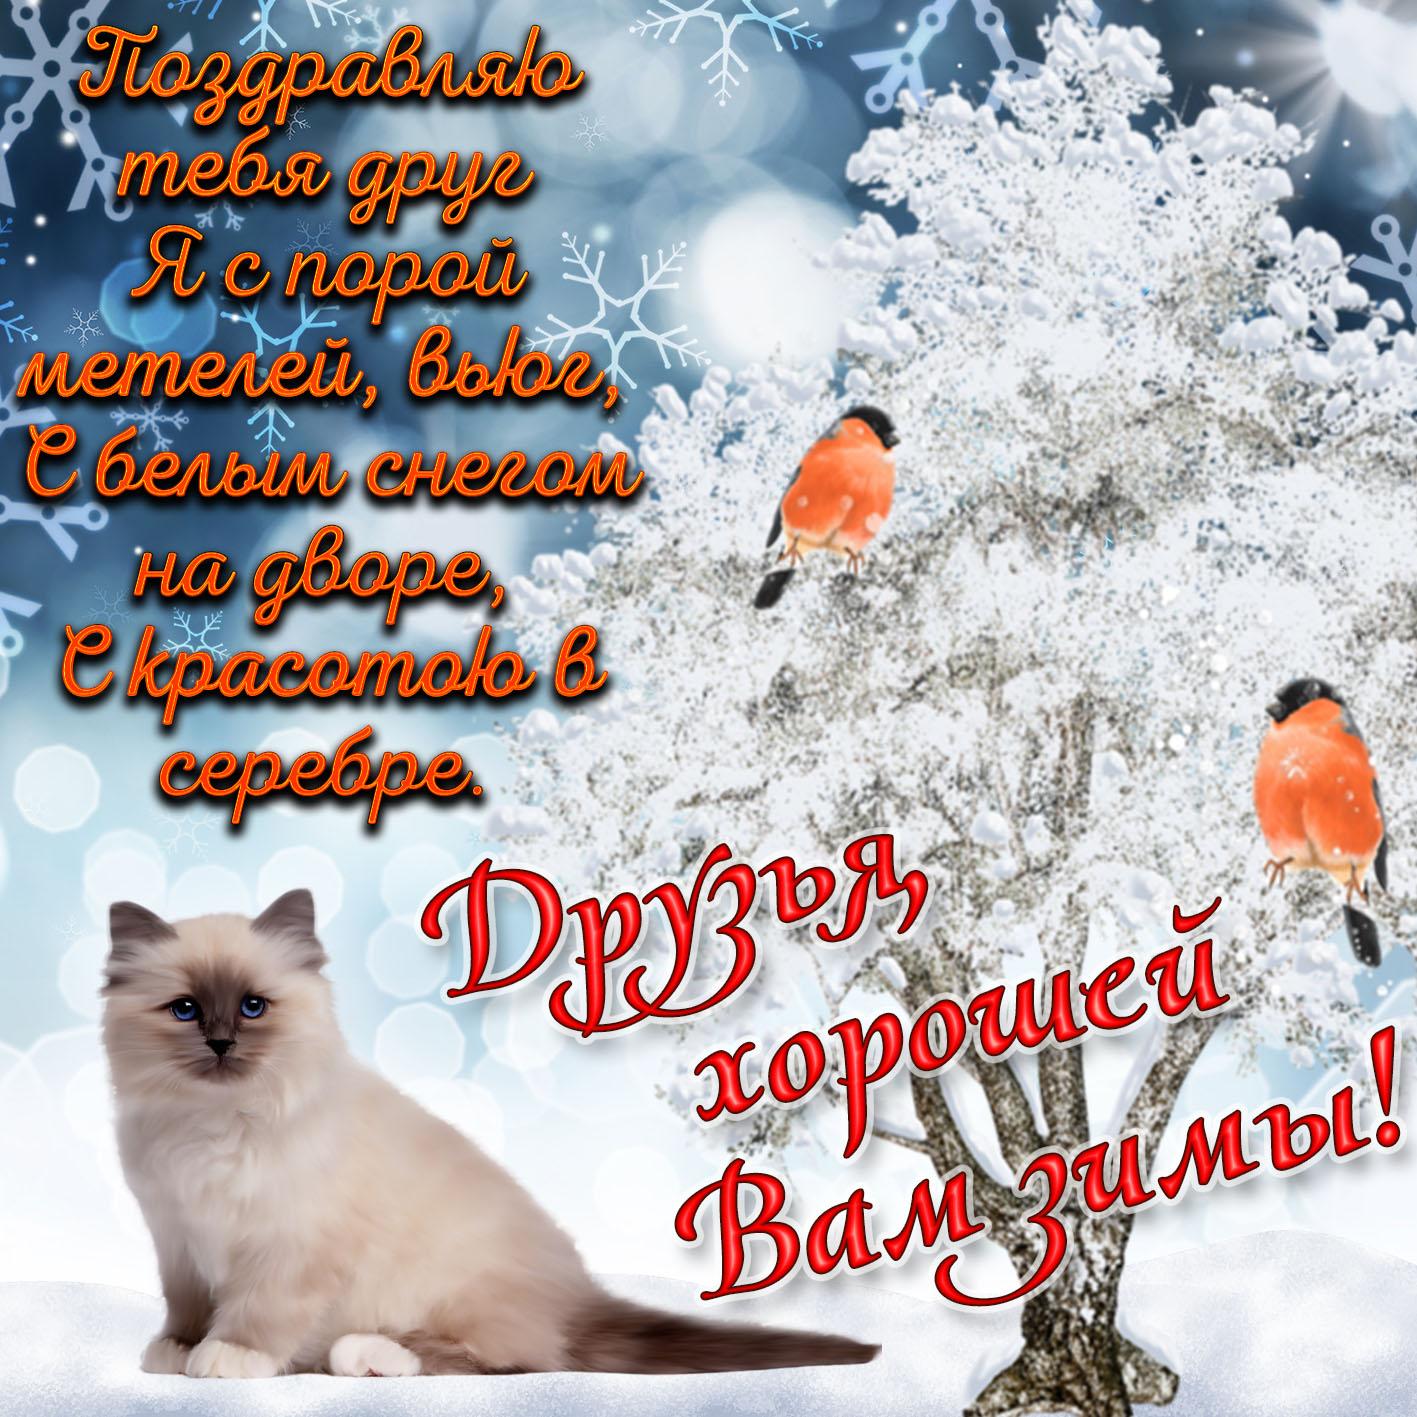 открытки для друзей зимние мошенническим путем завладела